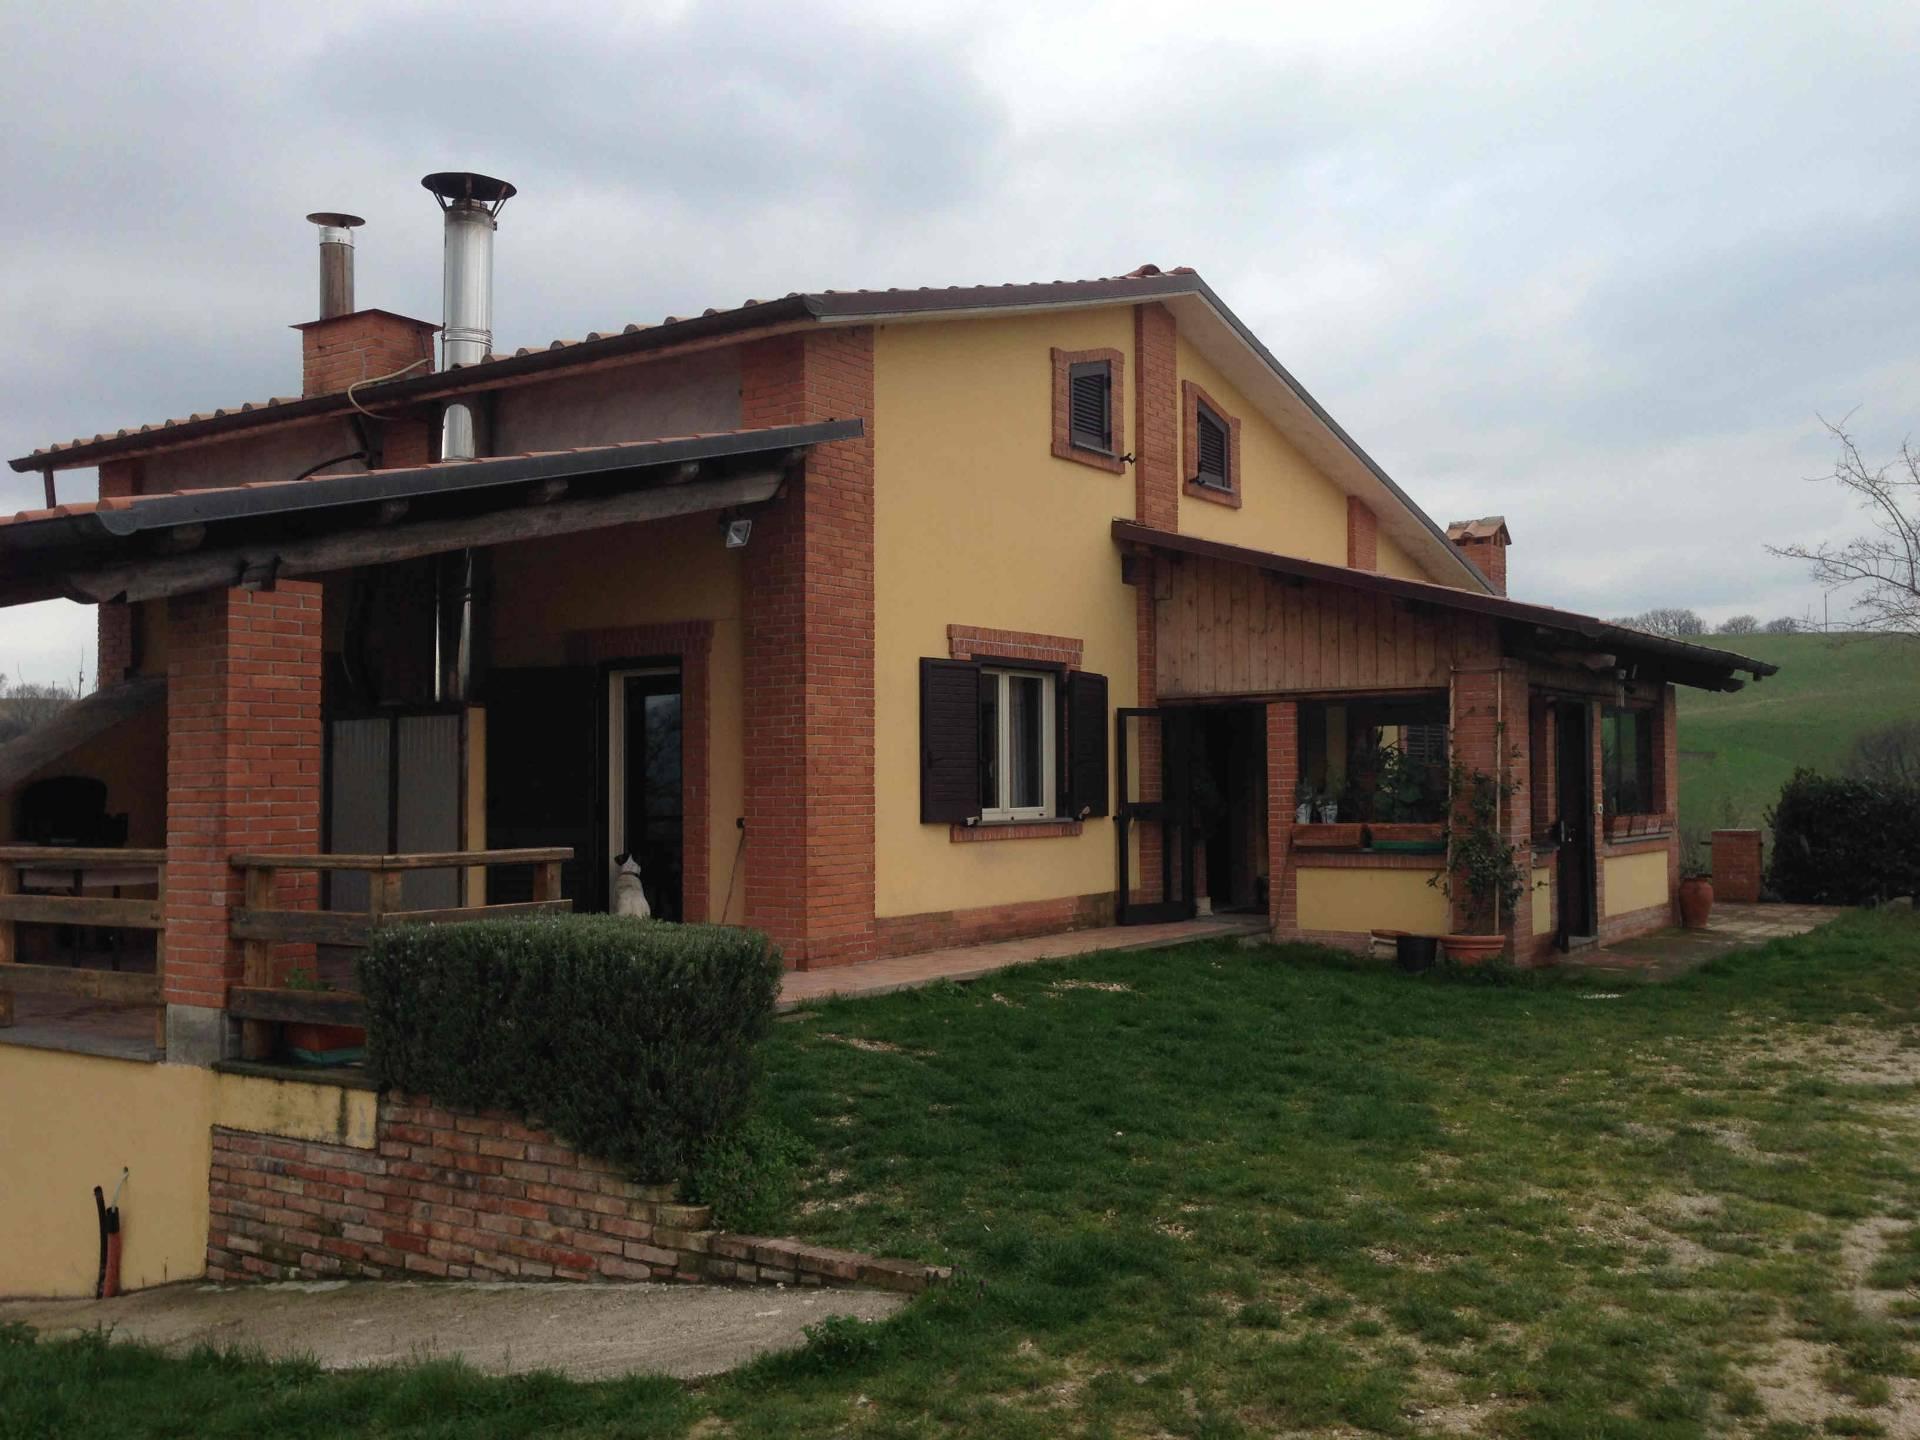 Rustico / Casale in vendita a Sassoferrato, 8 locali, prezzo € 450.000 | CambioCasa.it